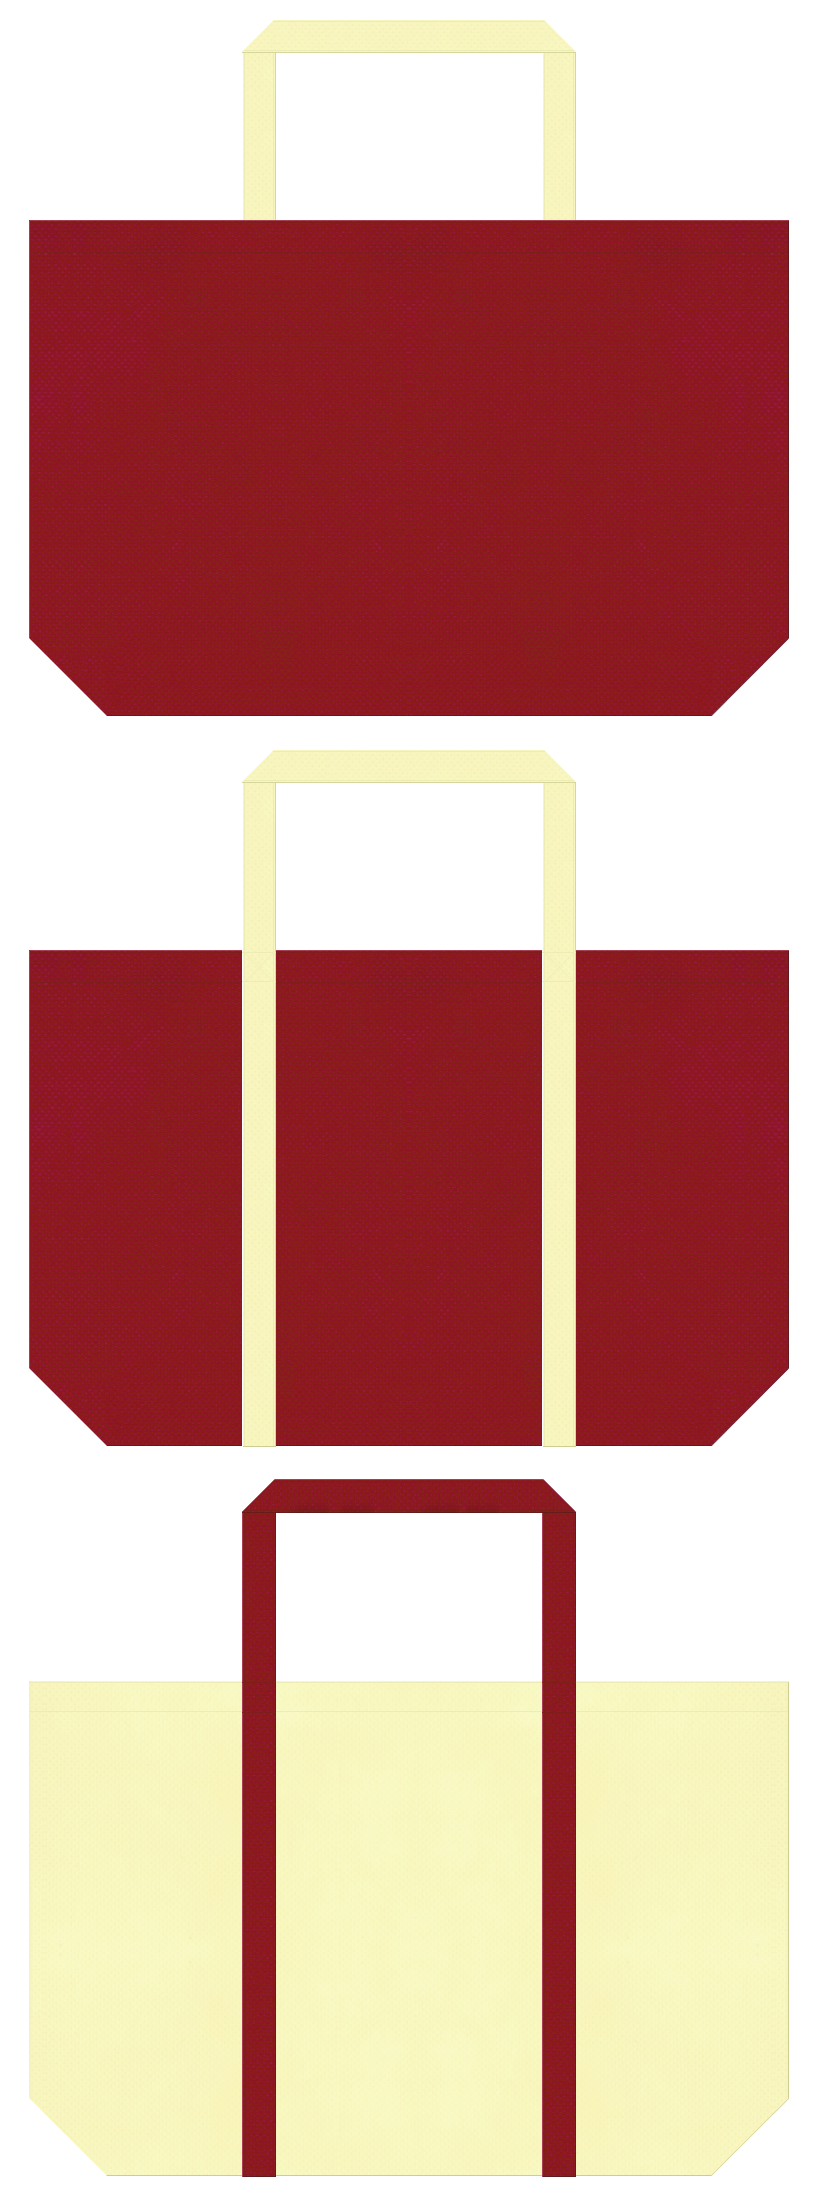 絵本・むかし話・お月見・ひな祭り・和風催事にお奨め:エンジ色と薄黄色の不織布ショッピングバッグのデザイン